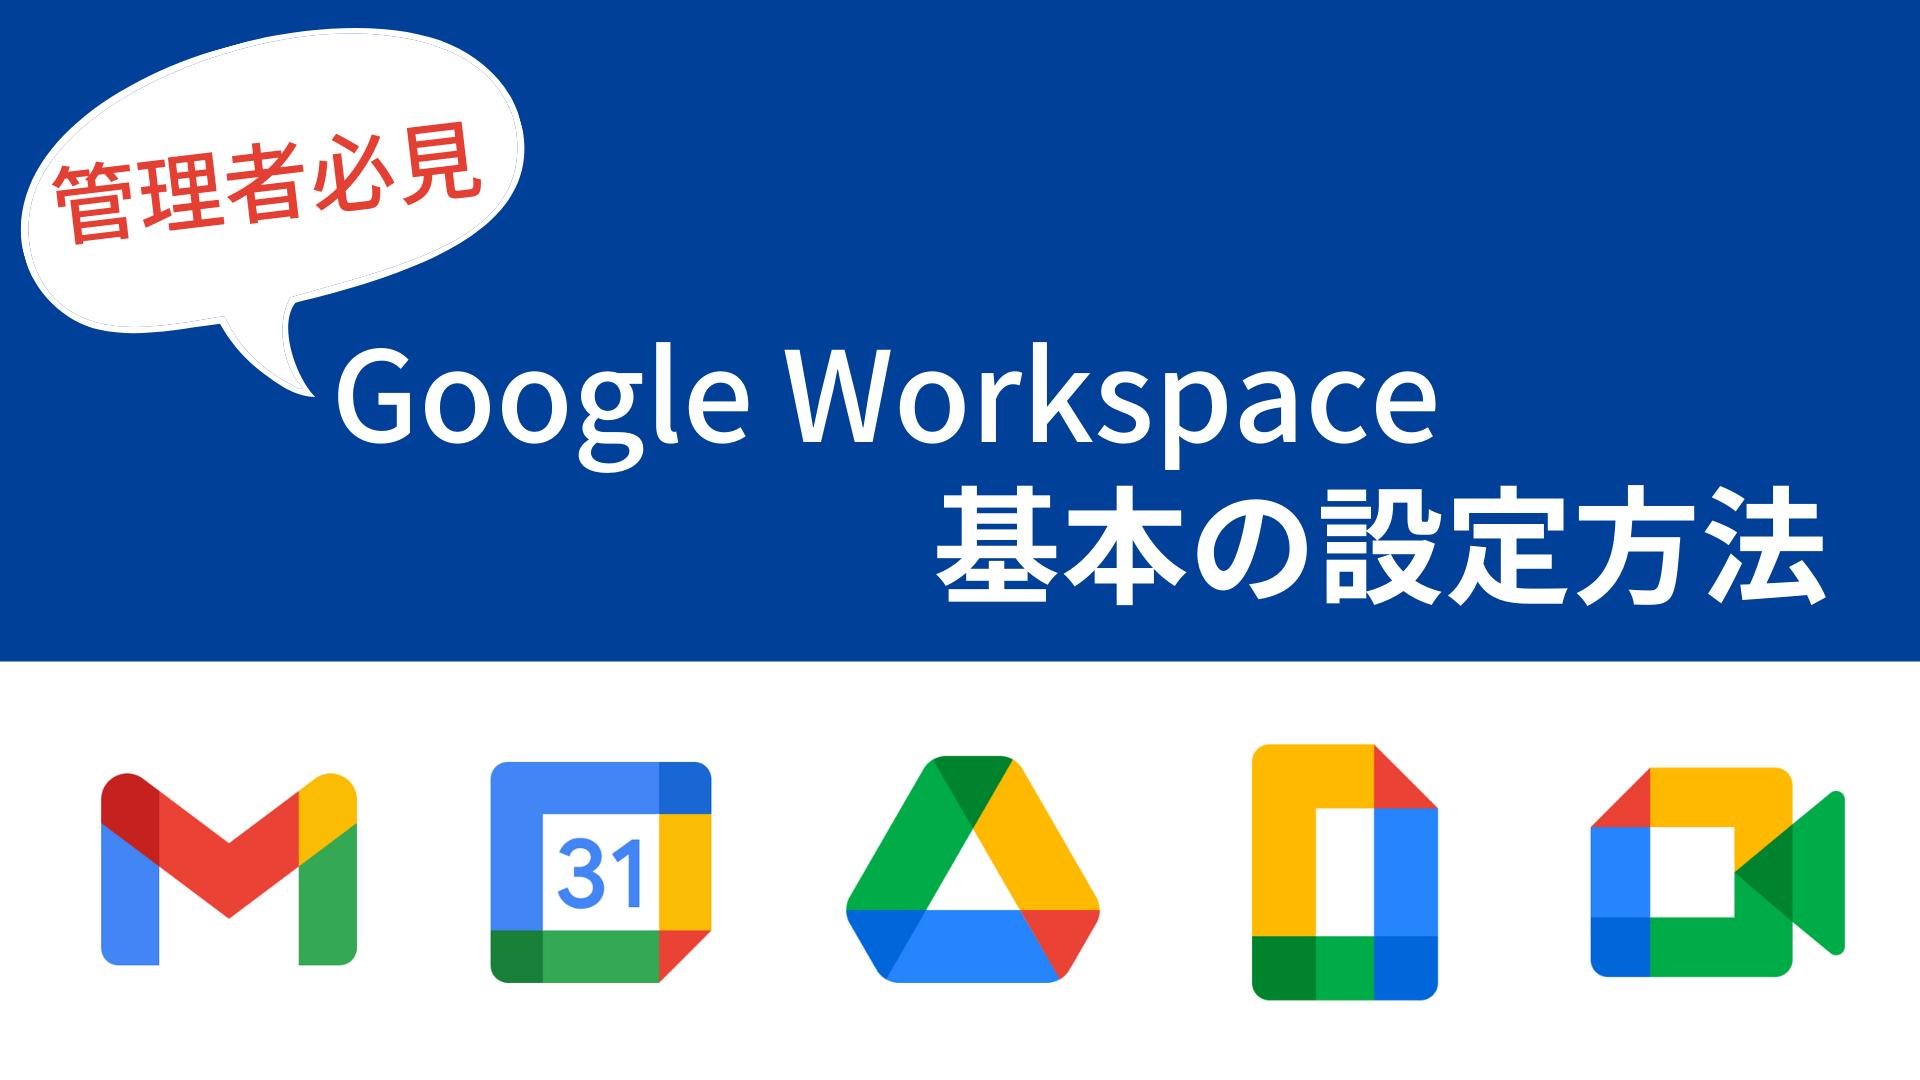 【管理者向け】Google Workspace の基本設定